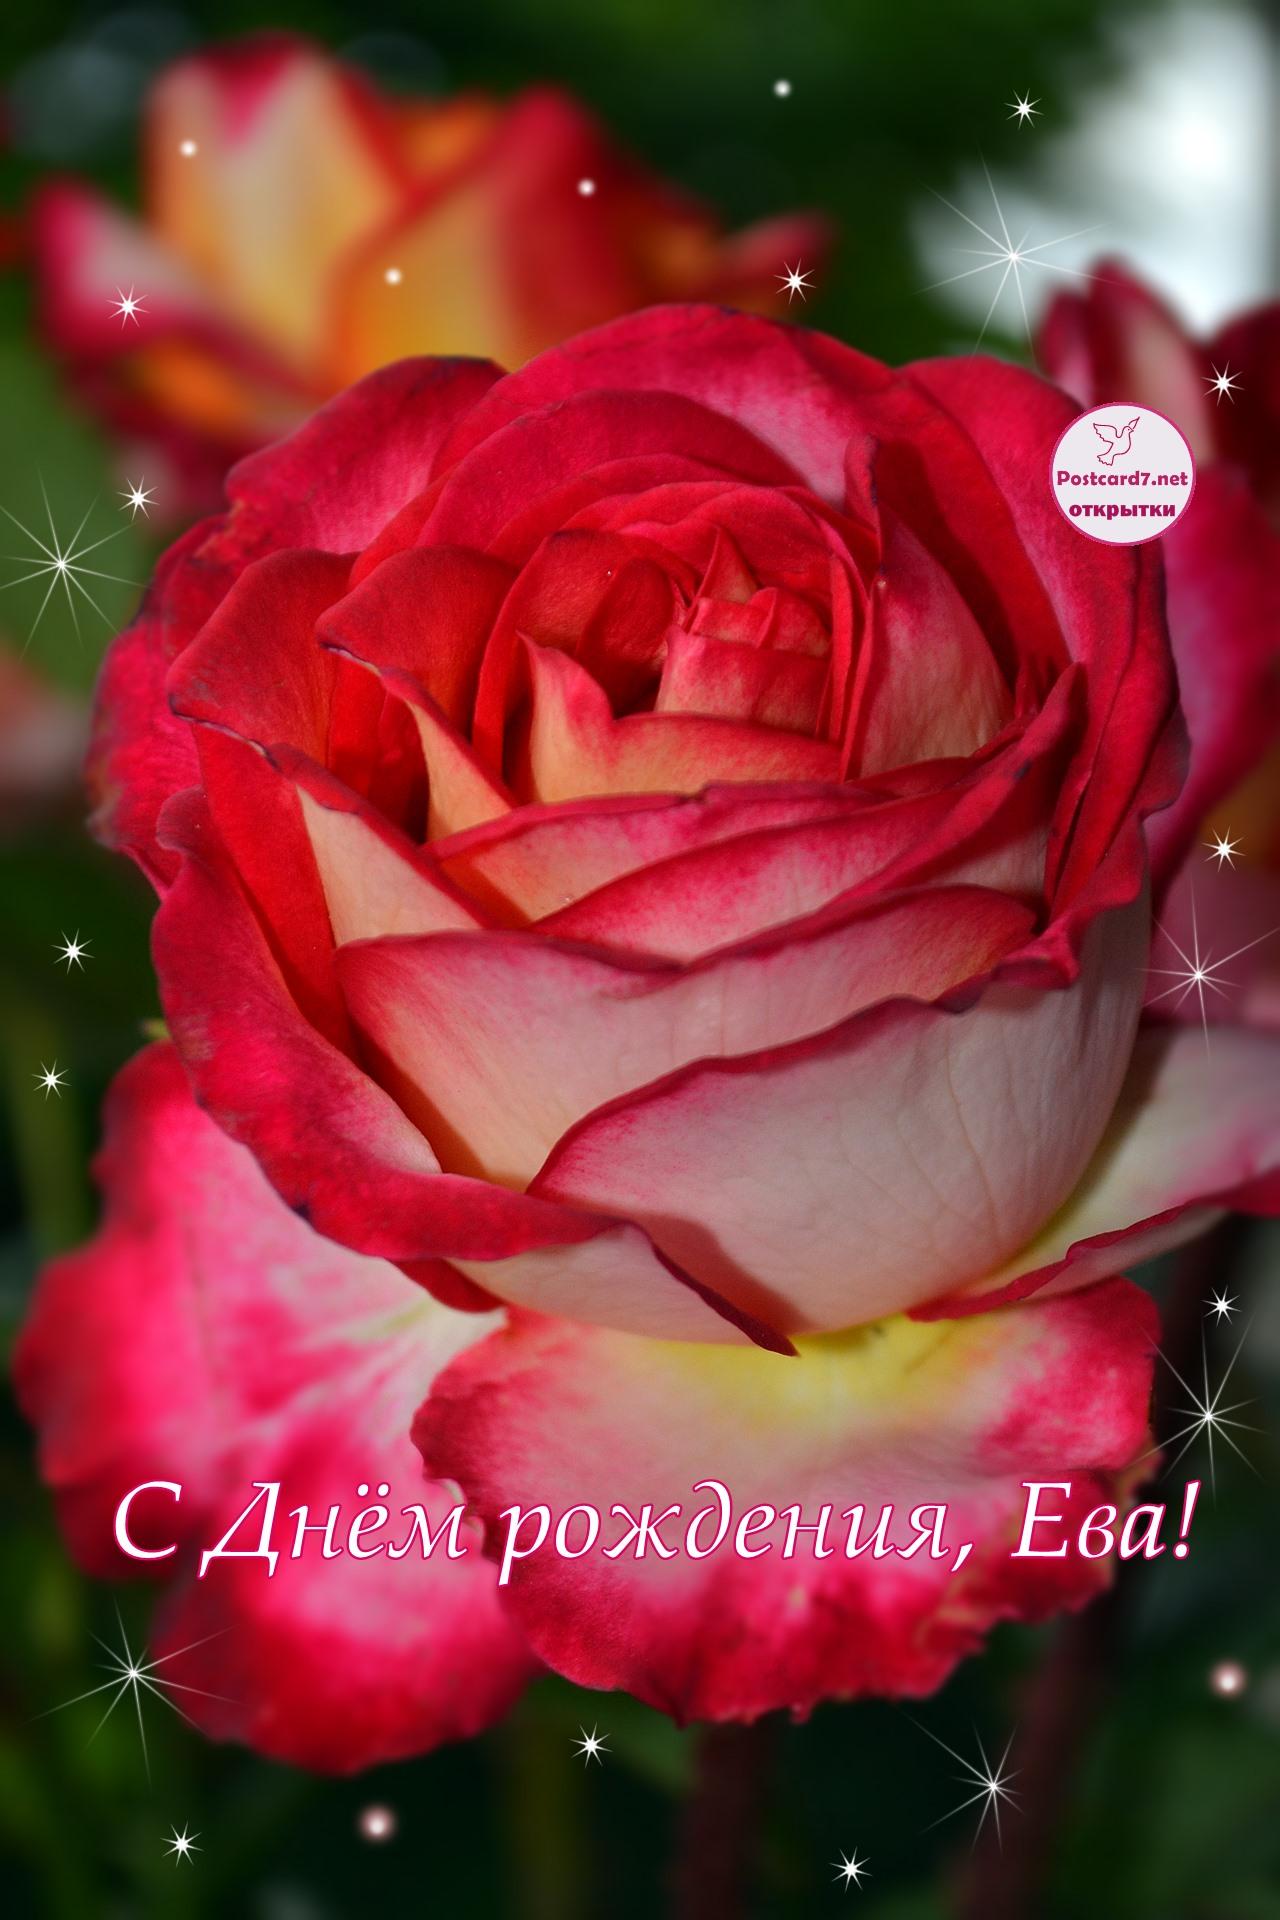 Роза, Ева, С Днём рождения, открытка